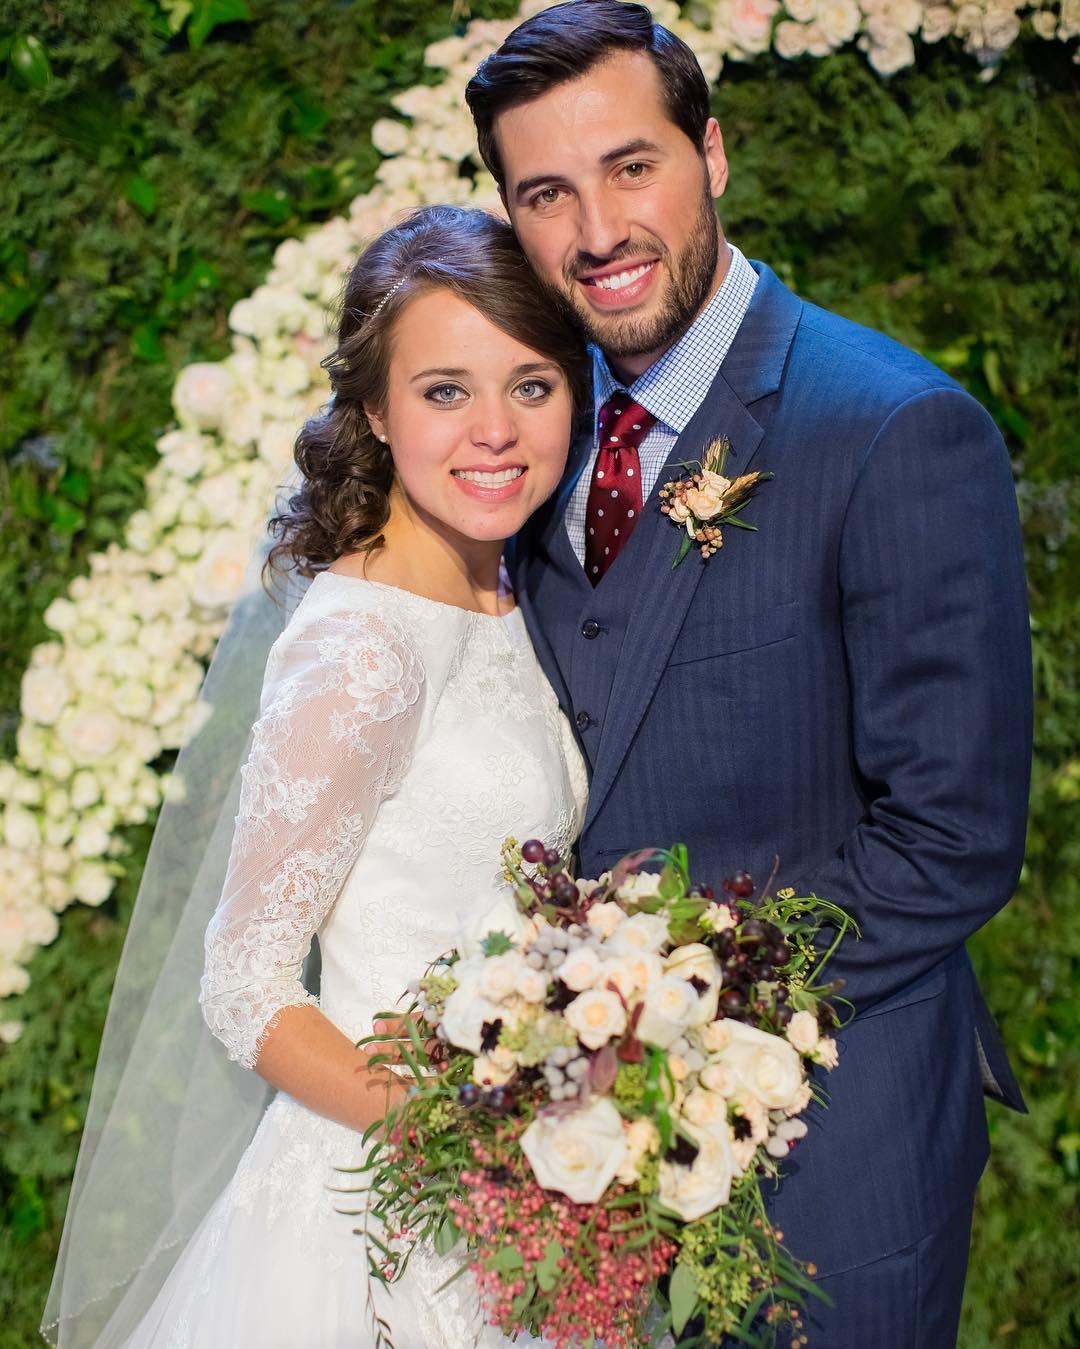 Ag63 CiSsDA - Свадьбы в ноябре (15 фото)